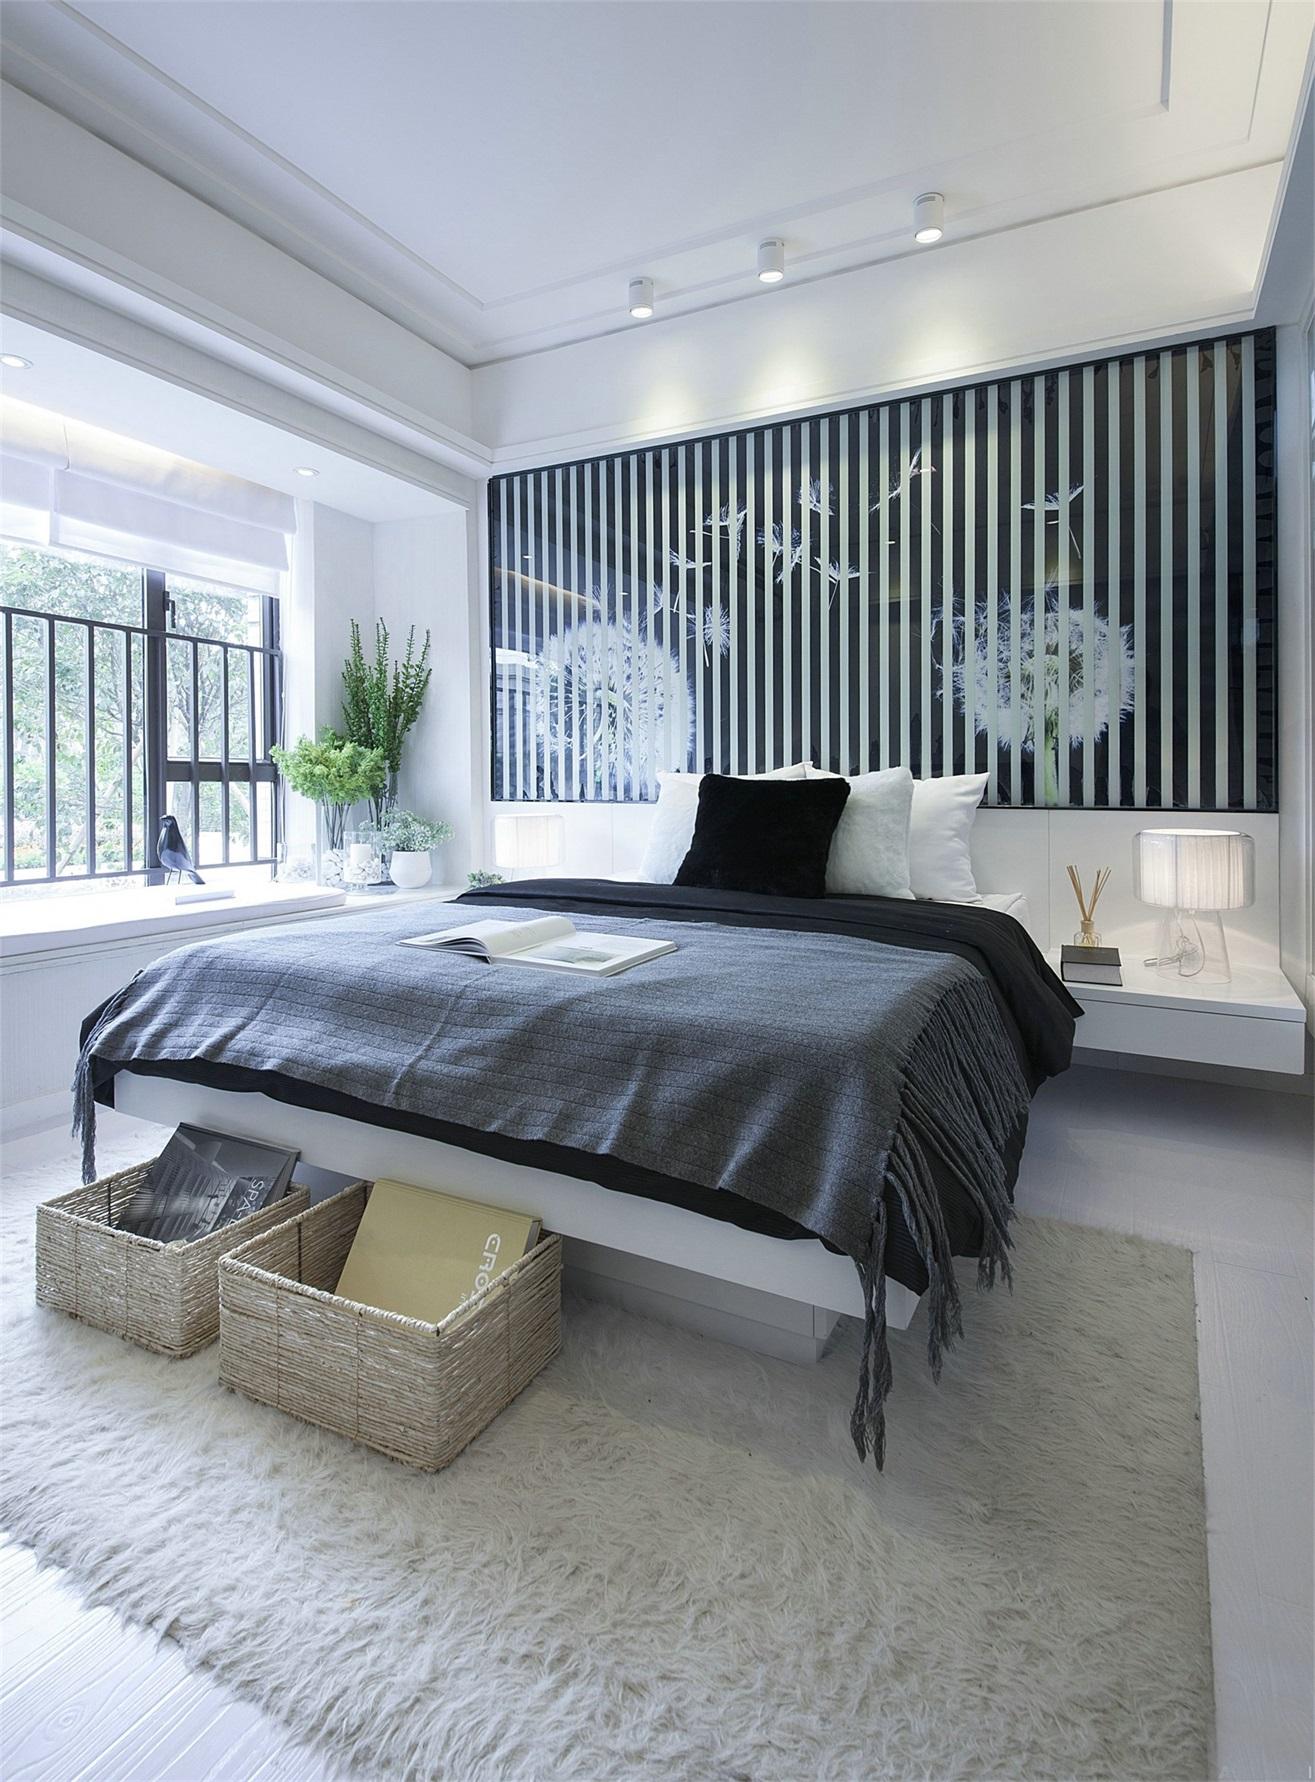 主臥以黑白灰色彩搭配,空間純靜簡潔,背景牆線條感強,诠釋出張力。